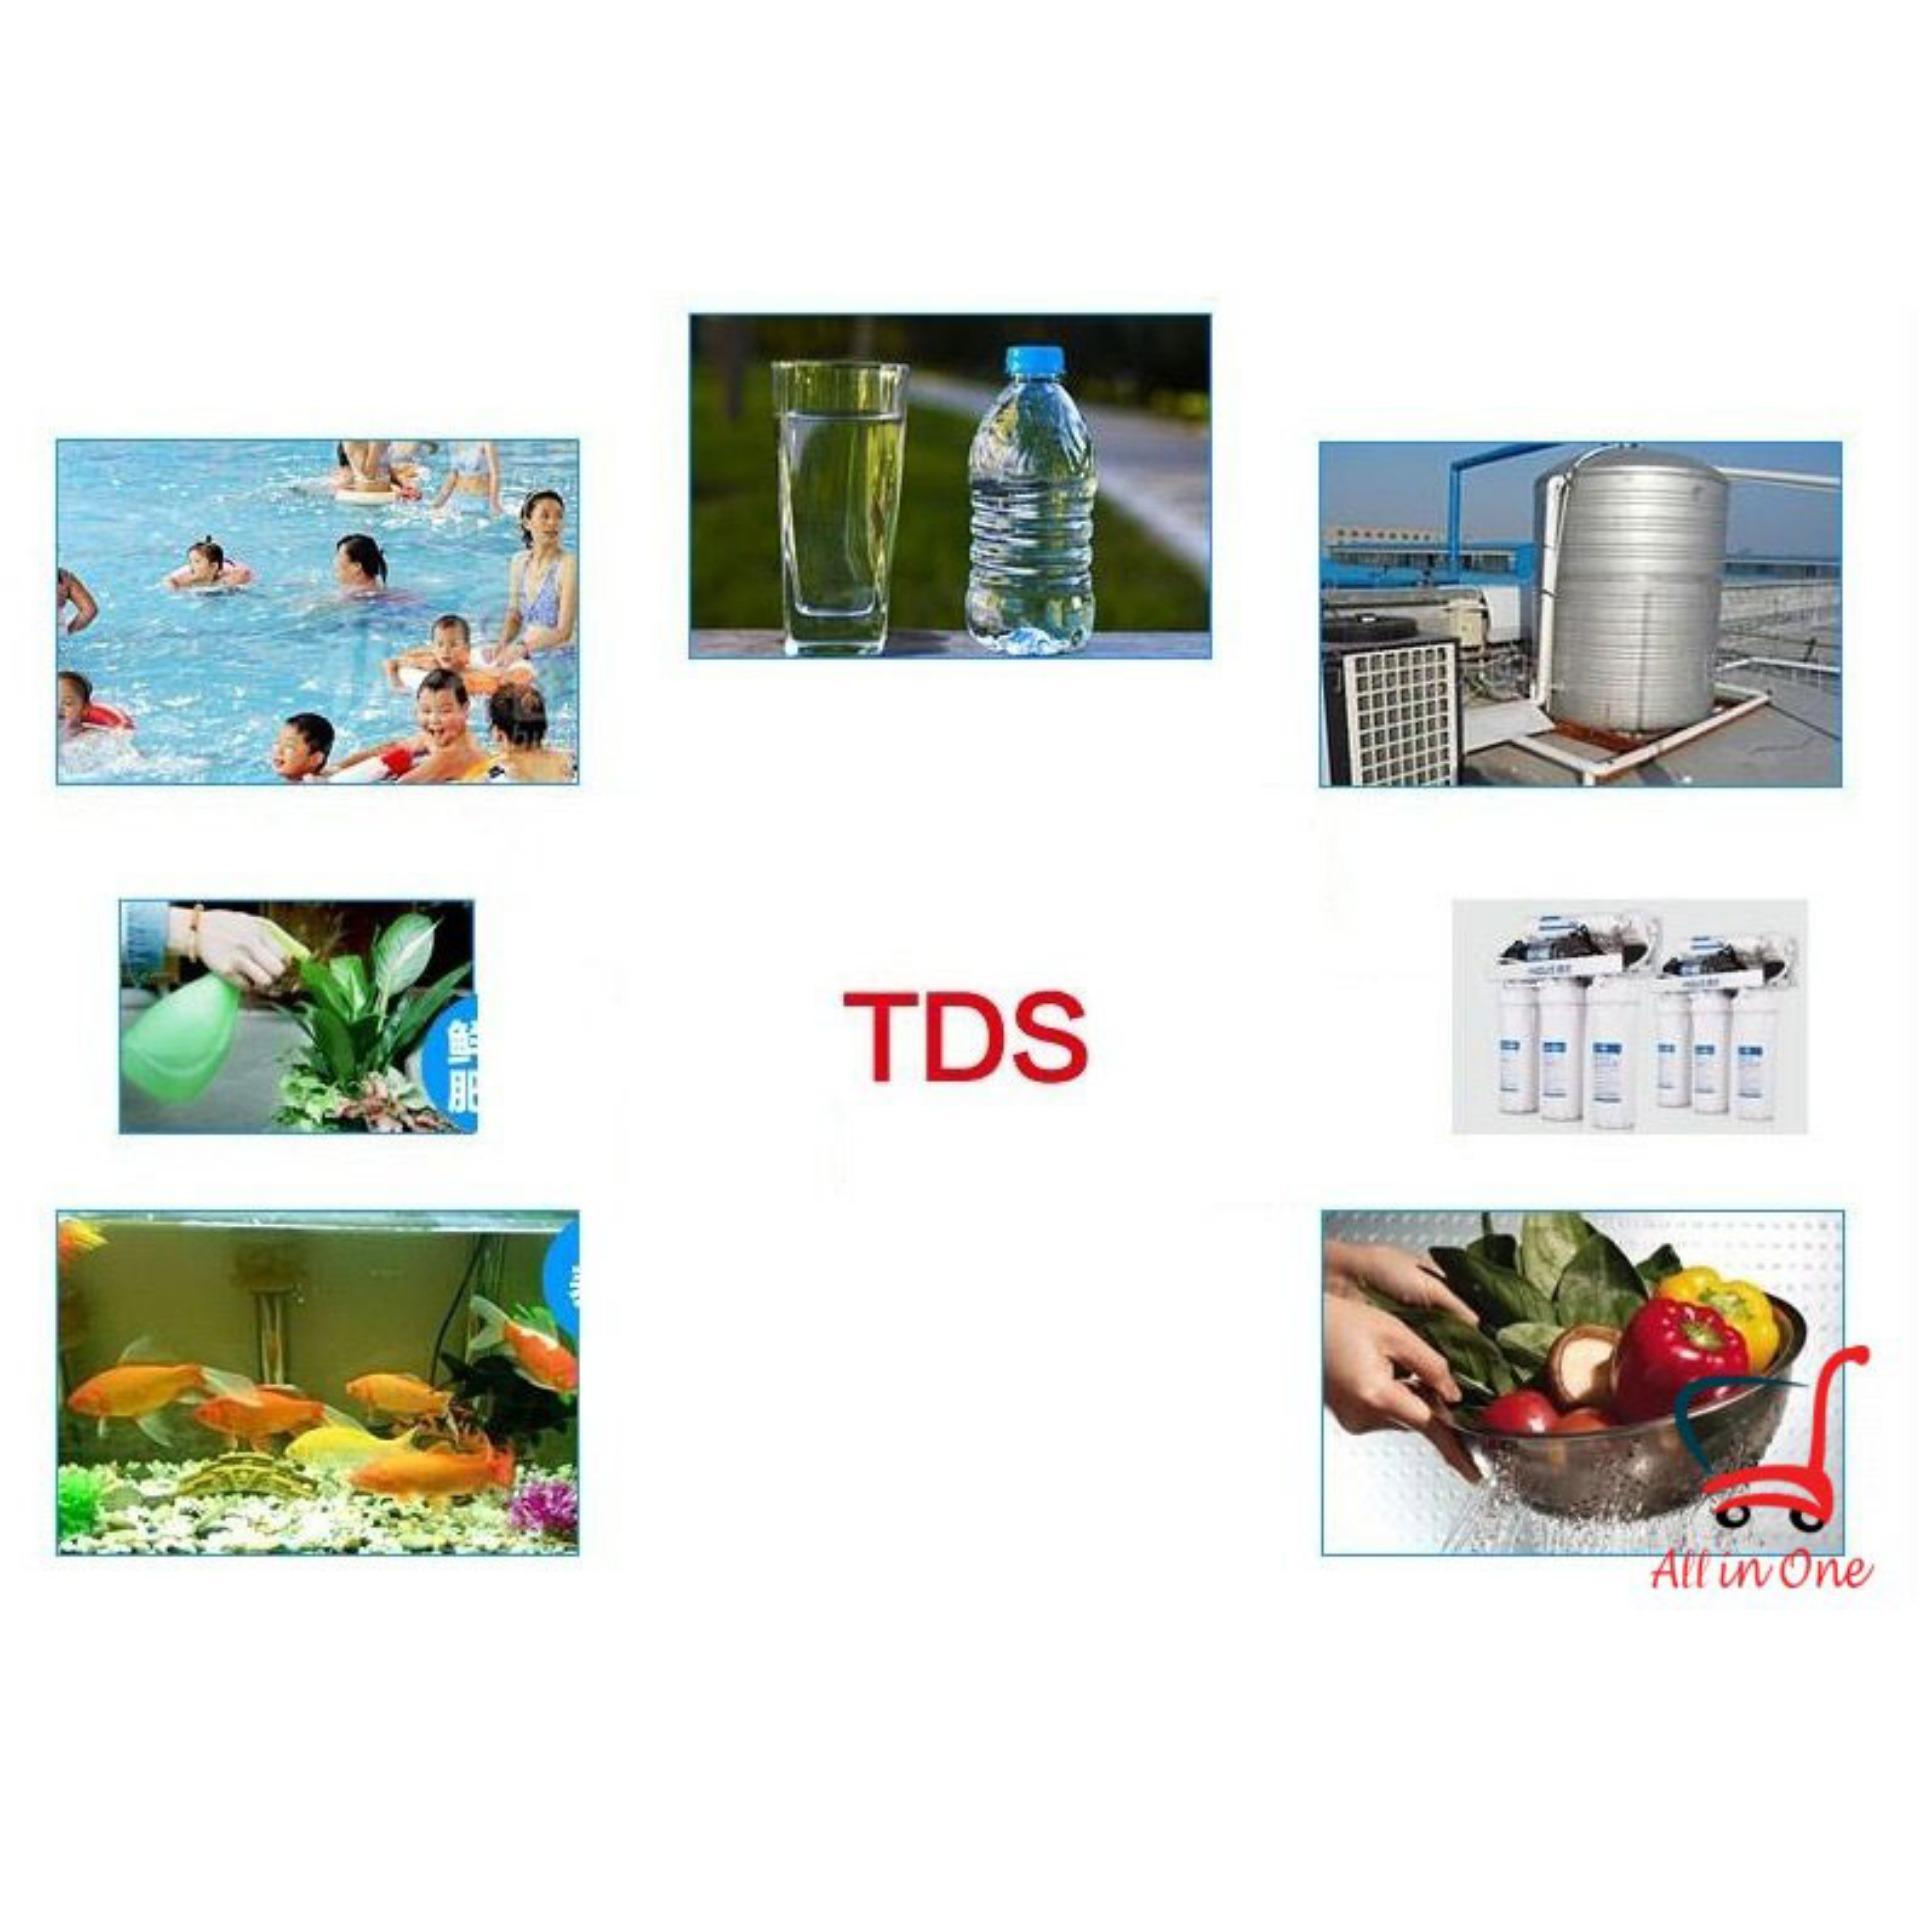 Bút kiểm tra nước sạch-Cách đo độ ph trong hồ cá- Bút thử nước TDS-3 có độ chính xác cao, tiết kiệm thời gian, an toàn.Bảo hành tới 12 tháng-giảm giá 50%